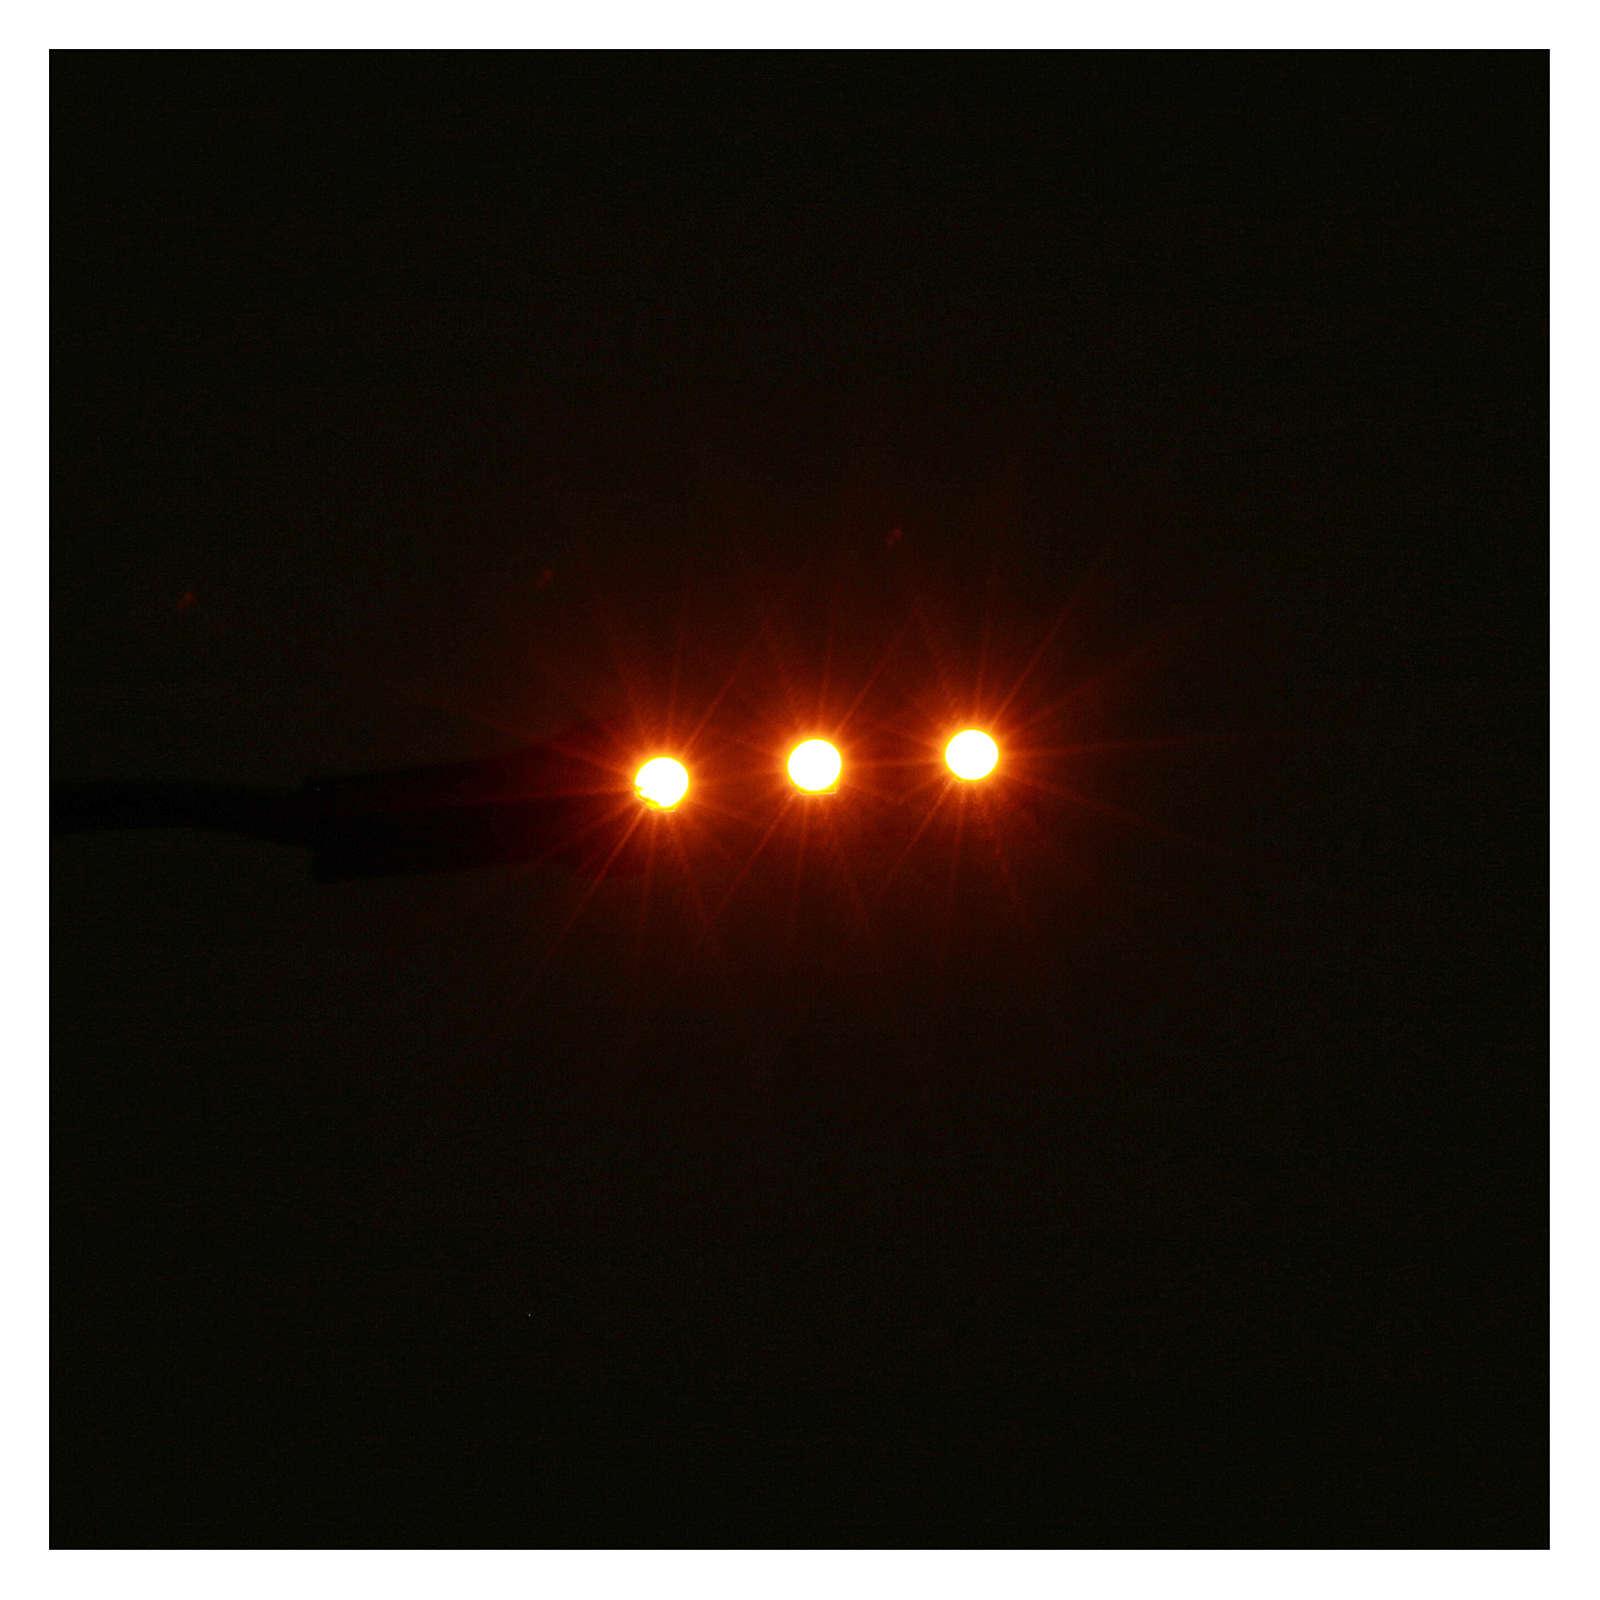 Tira 3 led autoashesiva 12V 4cm luz naranja para belenes 4